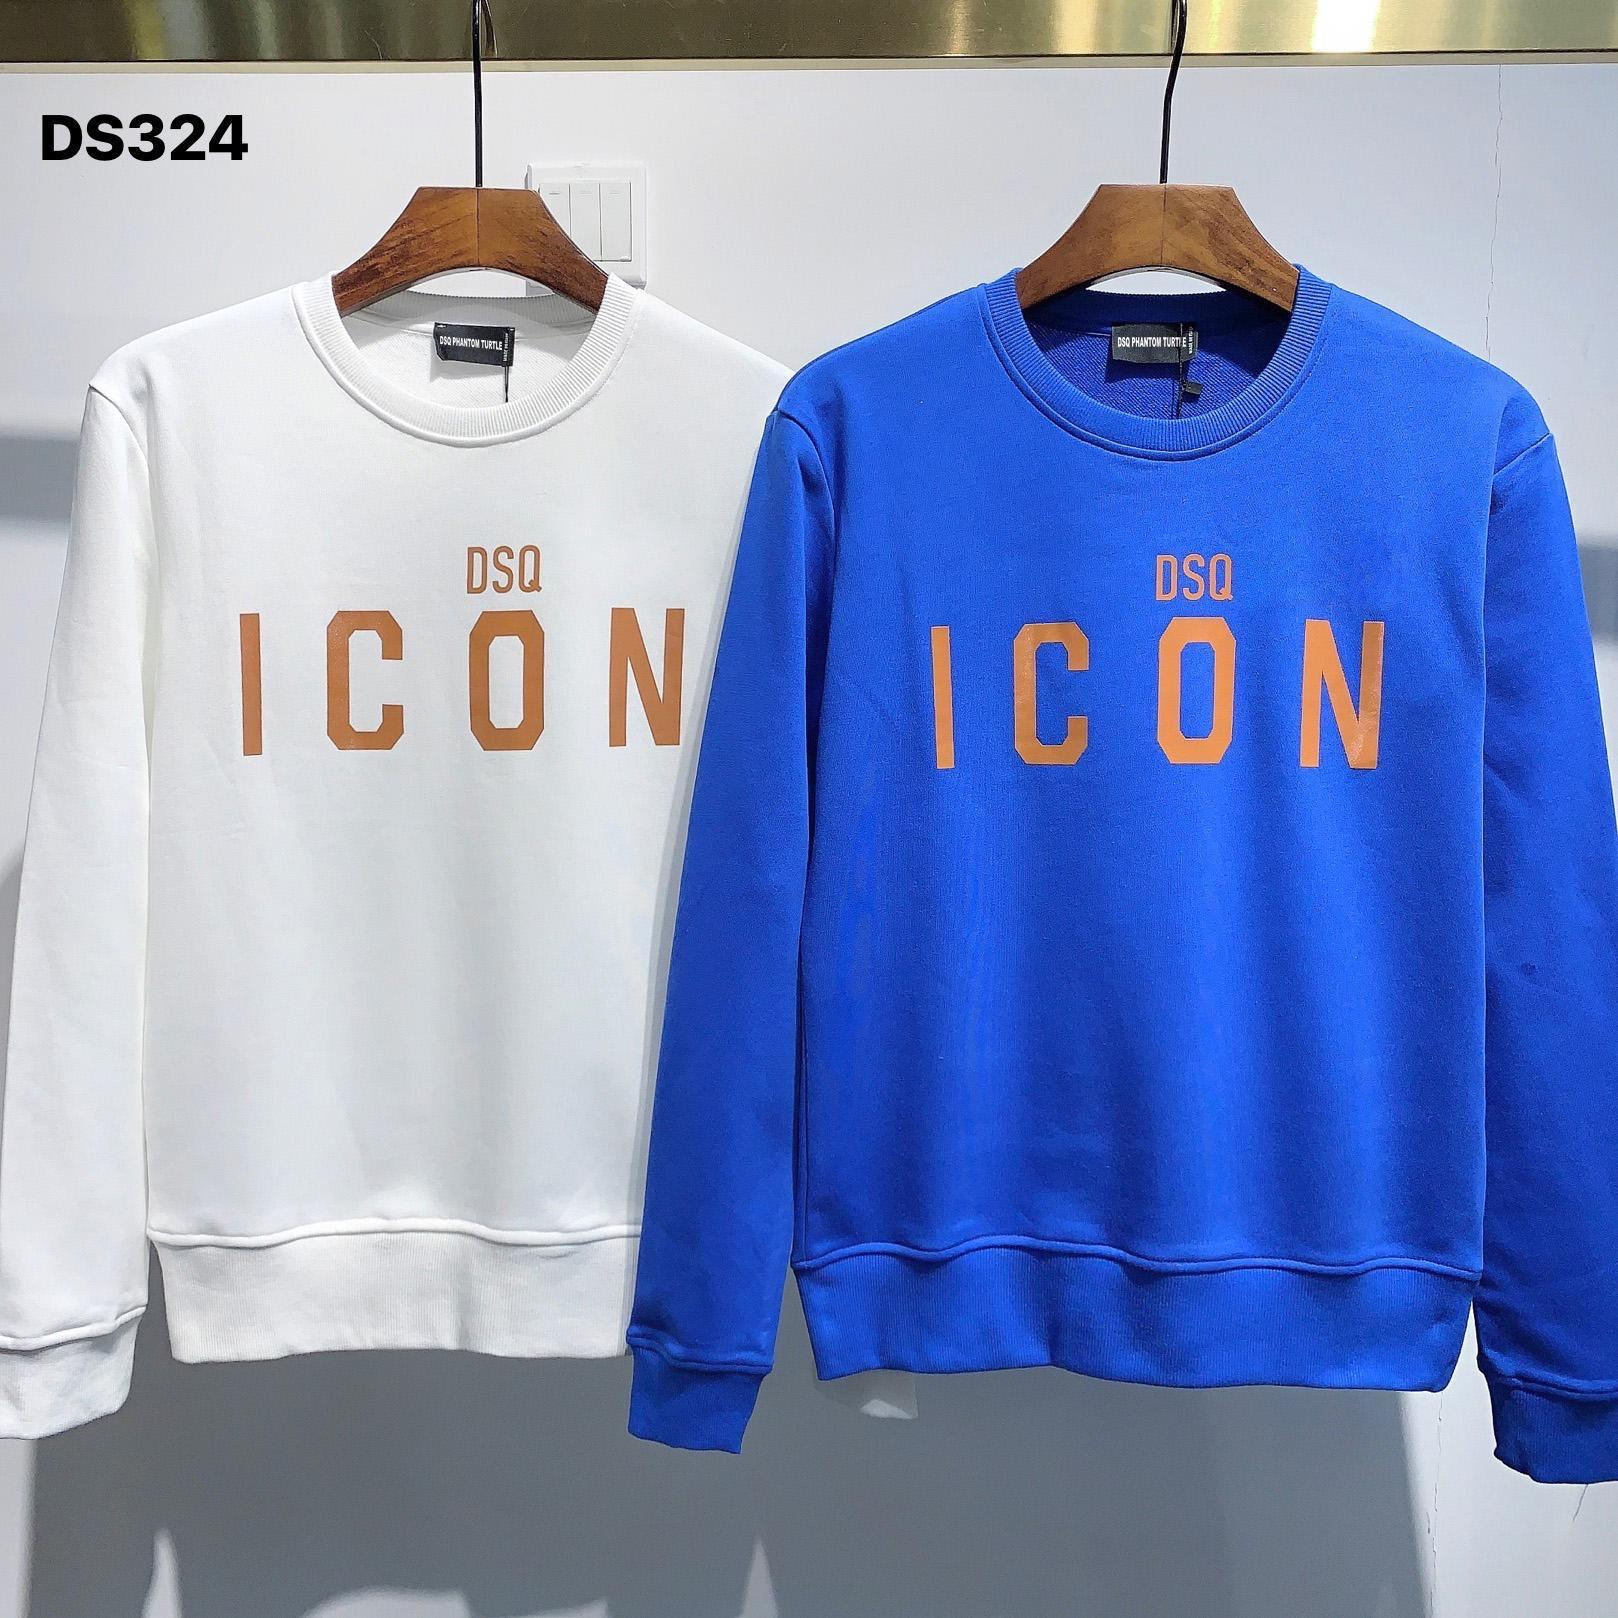 Dsquared2 DSQ D2 Phantom Turtle Hoody New Herren Designer Hoodies Italien Mode Sweatshirts Herbst Druck D2 Hoodie Männliche Top Qualität 100% Baumwolle Tops 012 xec